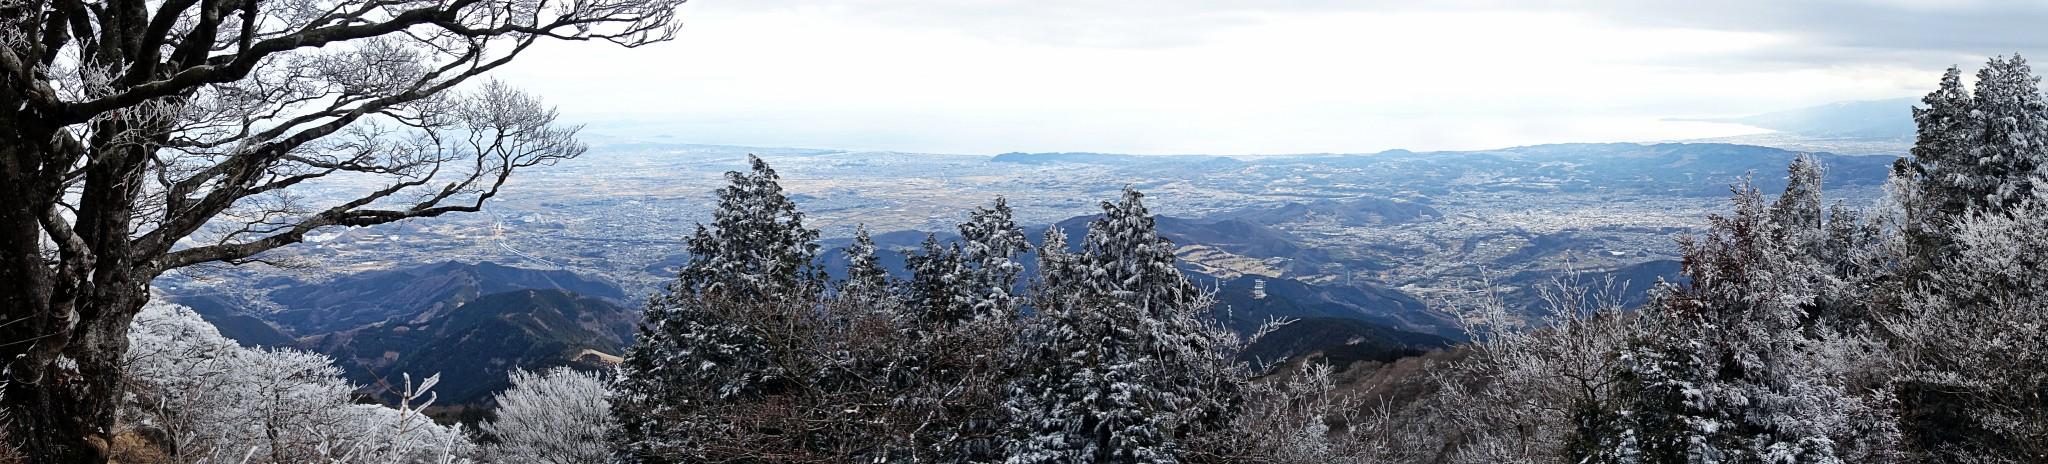 Vue panoramique depuis le sommet du Mt Oyama, préfecture de Kanagawa, Japon